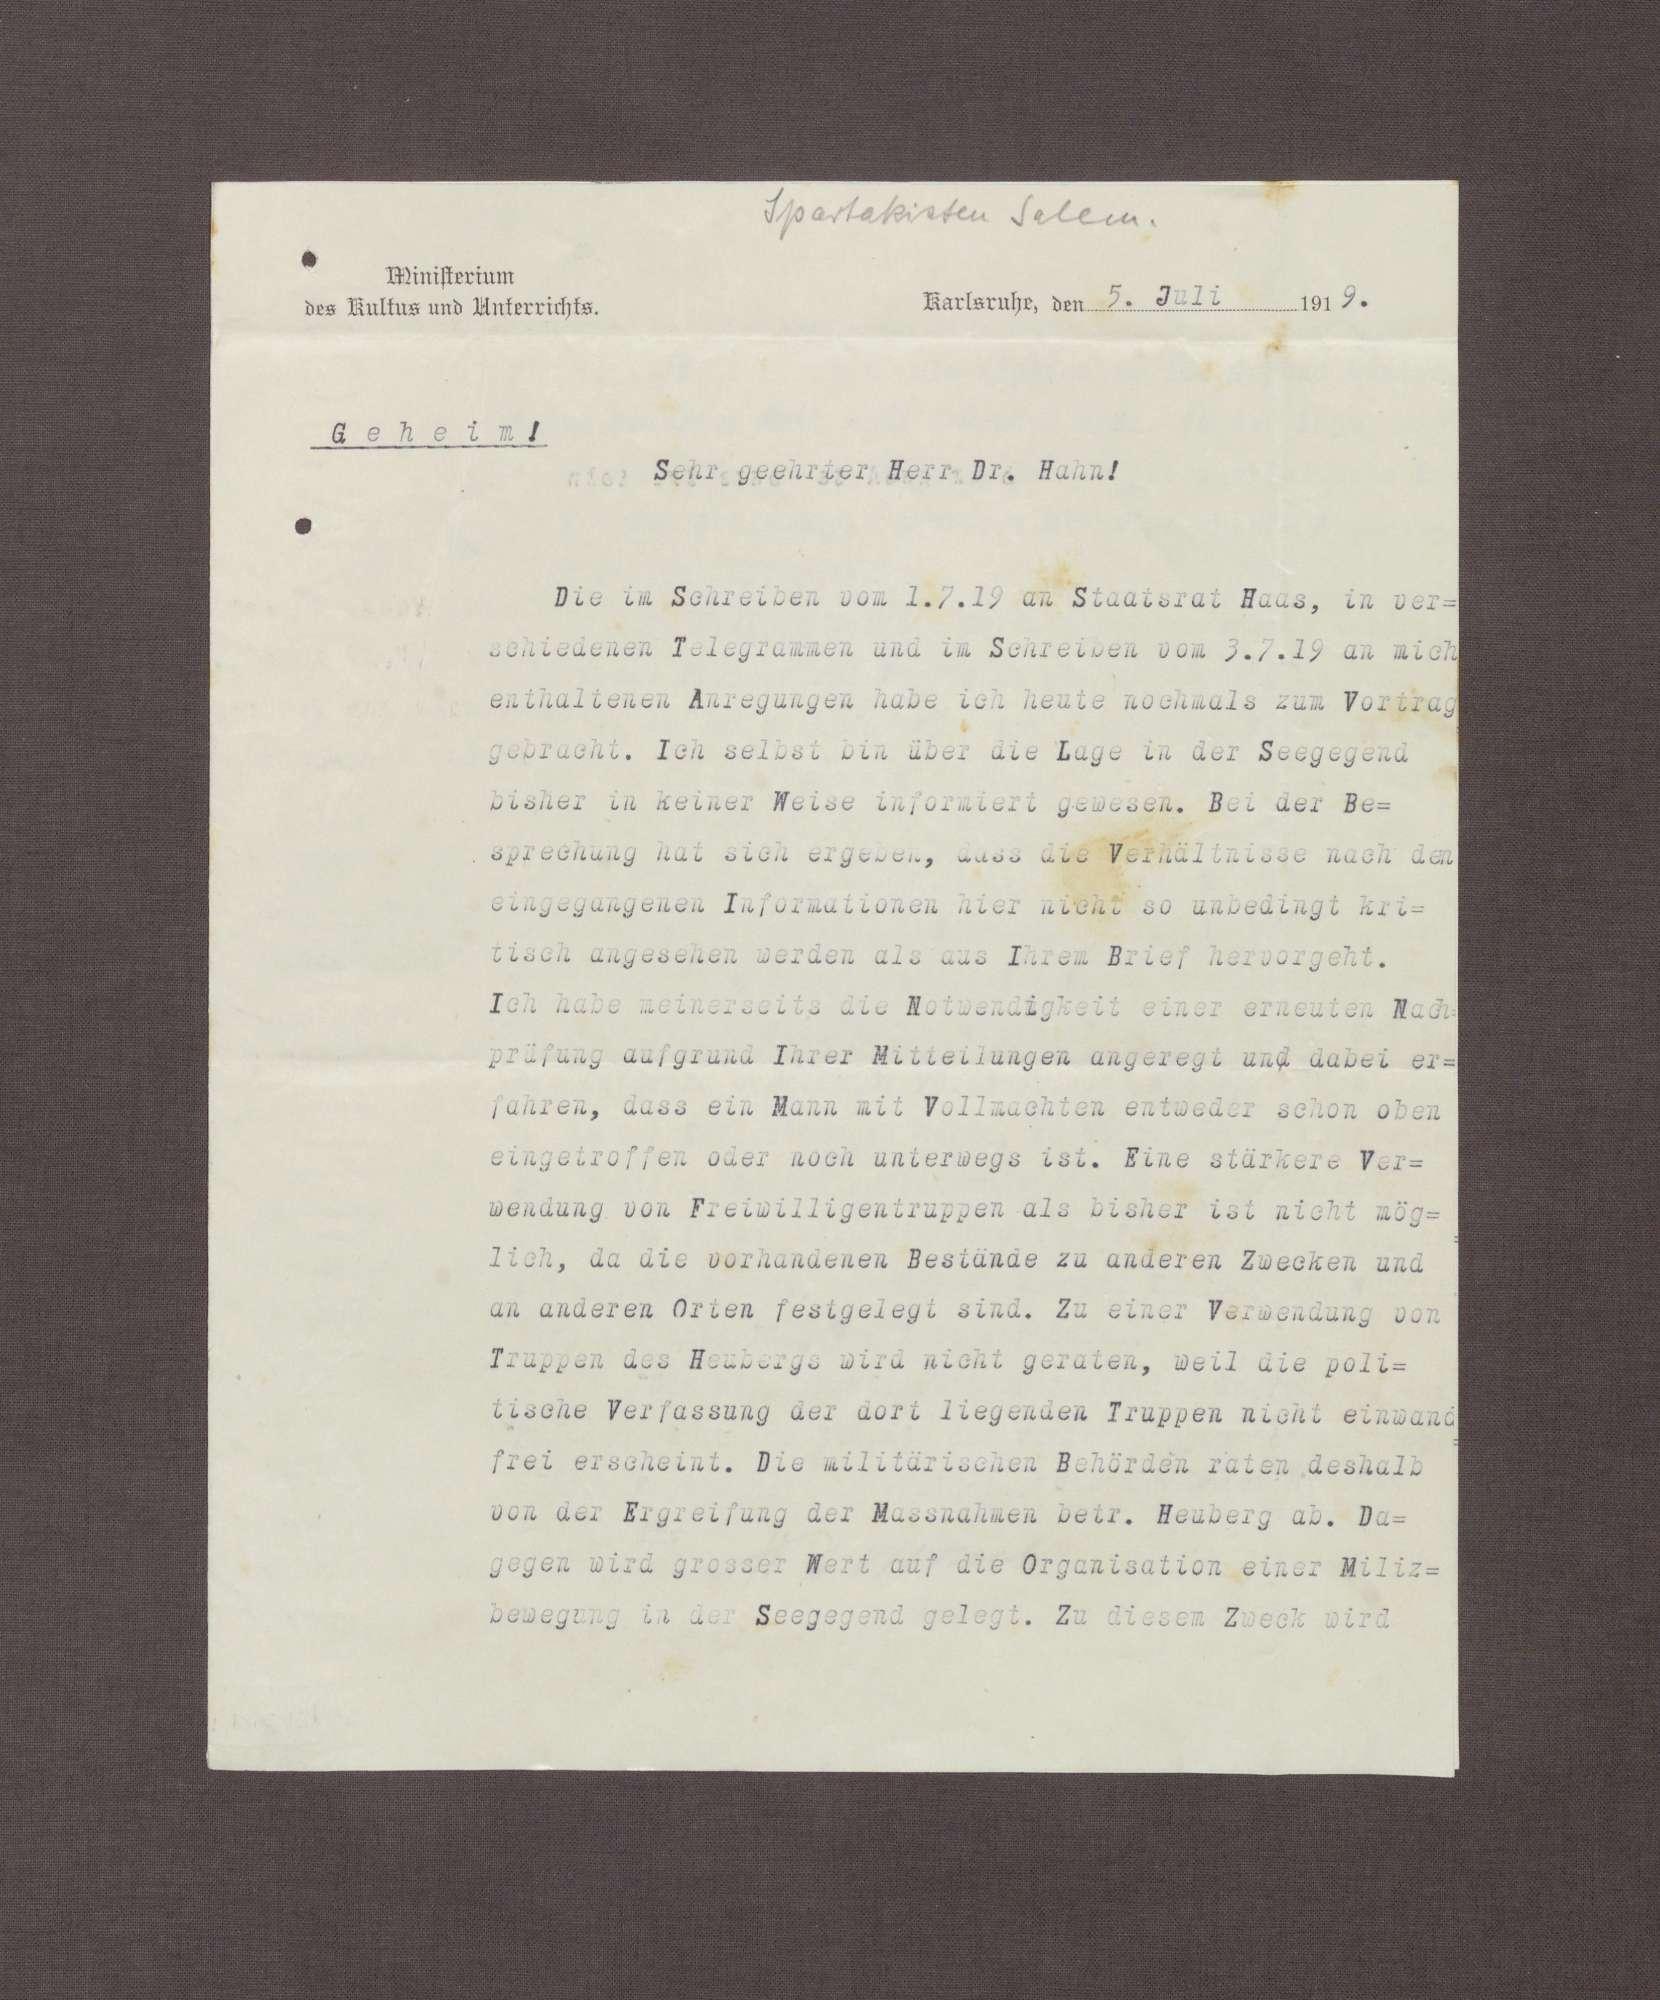 Schreiben von Hermann Hummel an Kurt Hahn; politische Lage am Bodensee und Verwendung von Truppen aus Heuberg zur Bekämpfung der Unruhen, Bild 1